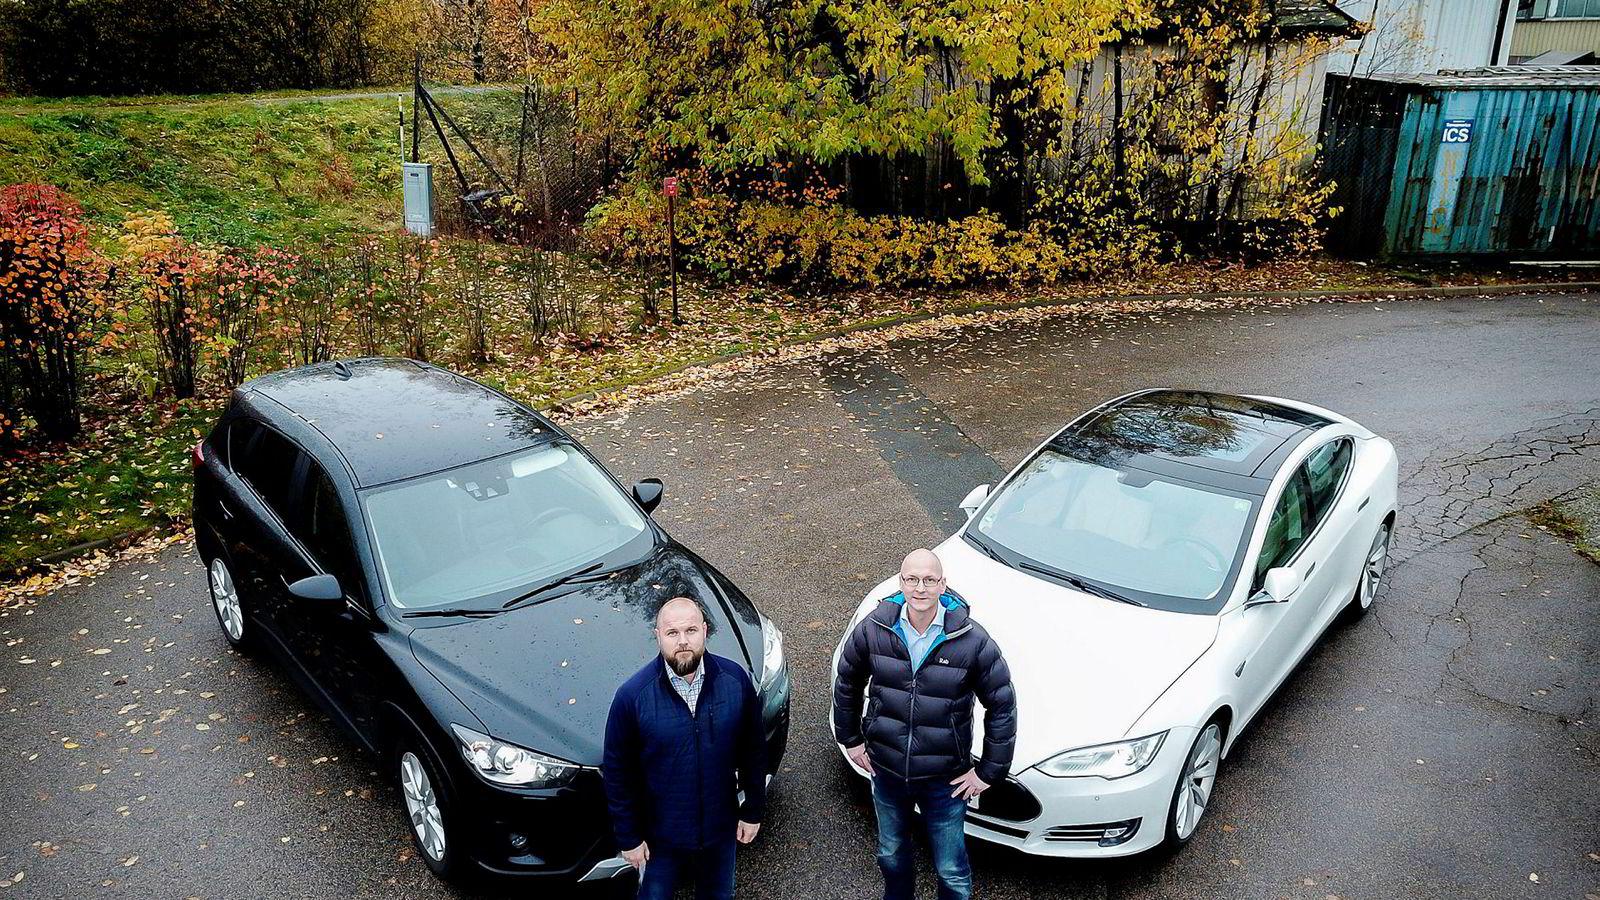 Brødrene i regnskapsfirmaet VVSFinans har beregnet hva regjeringens foreslåtte, nye firmabilskatt vil bety for dem: Per-Henrik Ruud (til høyre) må betale 57.000 kroner i skatt for sin Tesla Model S. Det er 15.000 kroner mer enn broren Ole Ruud (til venstre) må skatte av sin dieseldrevne Mazda CX-5, selv om han får fordeler som er verdt mer.